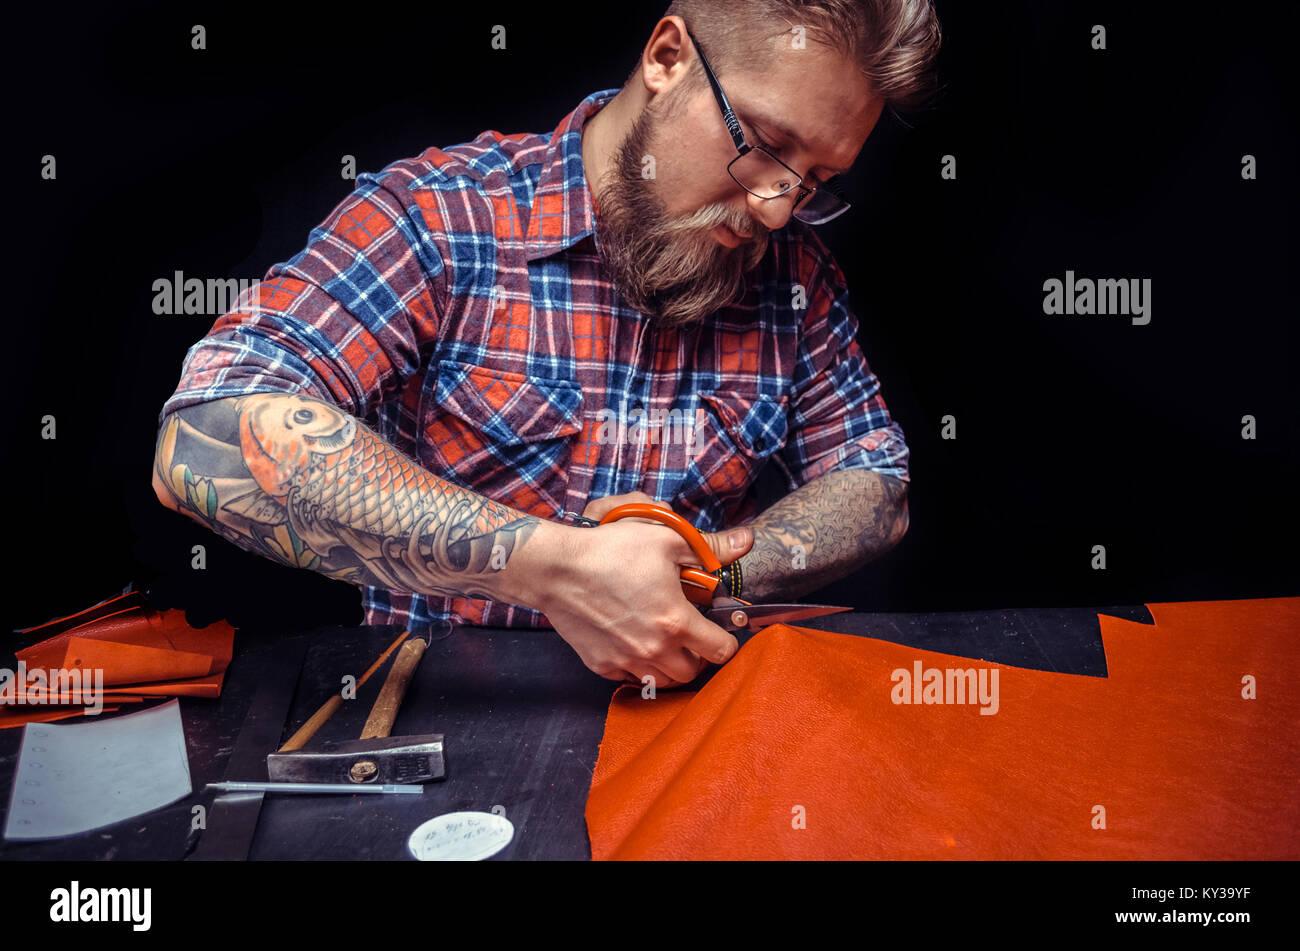 Artigiano producendo un buon prodotto in negozio Immagini Stock